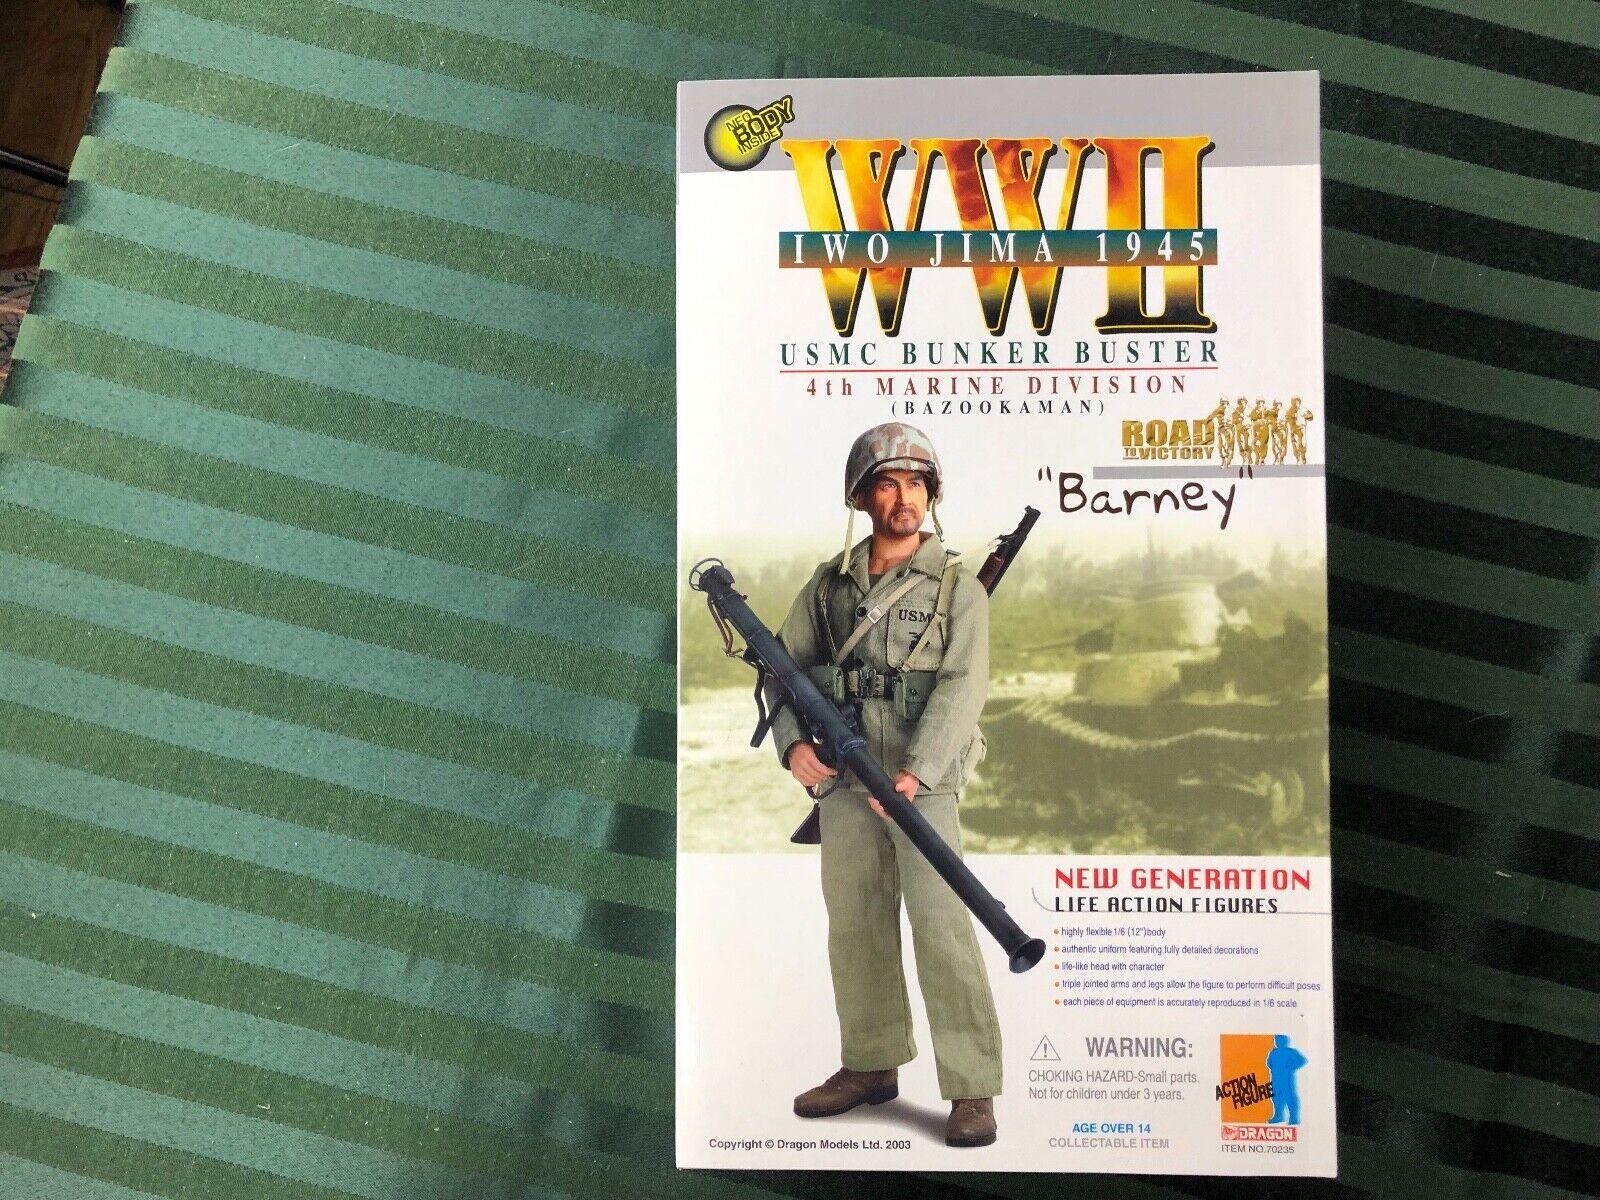 Dragon WWII 4th Marine Division  Bunker autoautobuster Bazookauomo  Barney  Iwo Jima 1945  ti aspetto